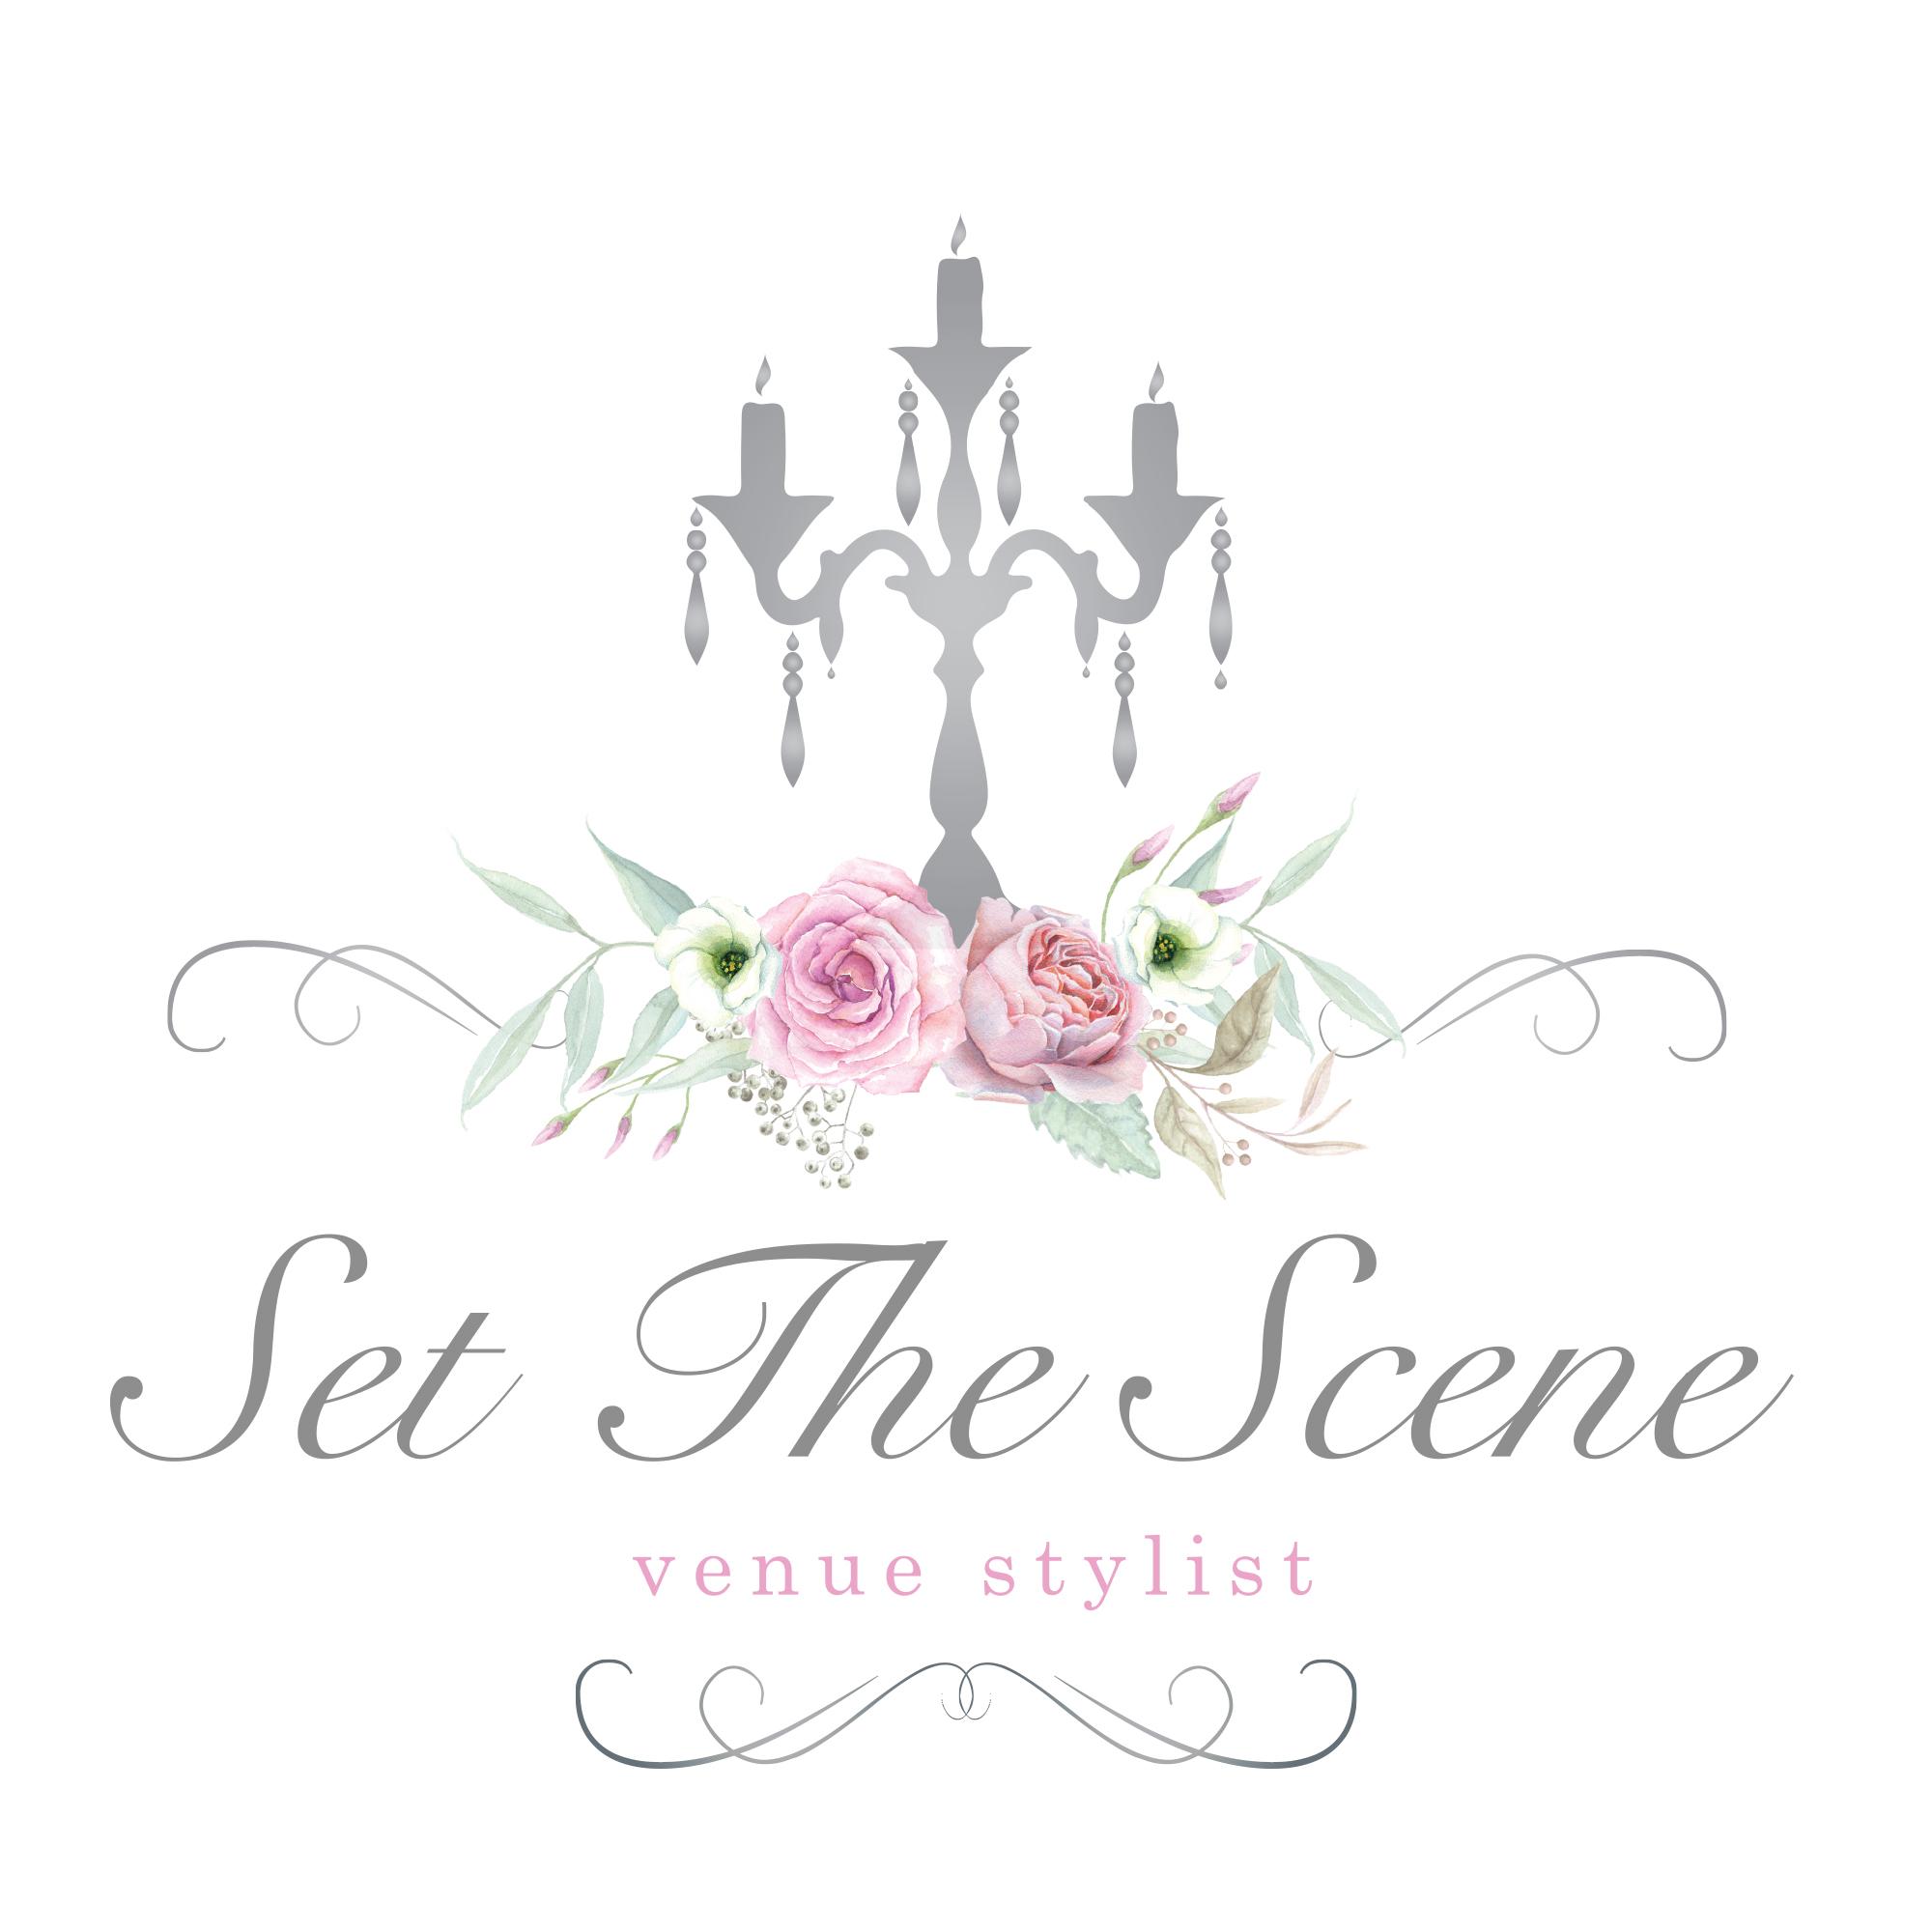 SetTheScene1.jpg